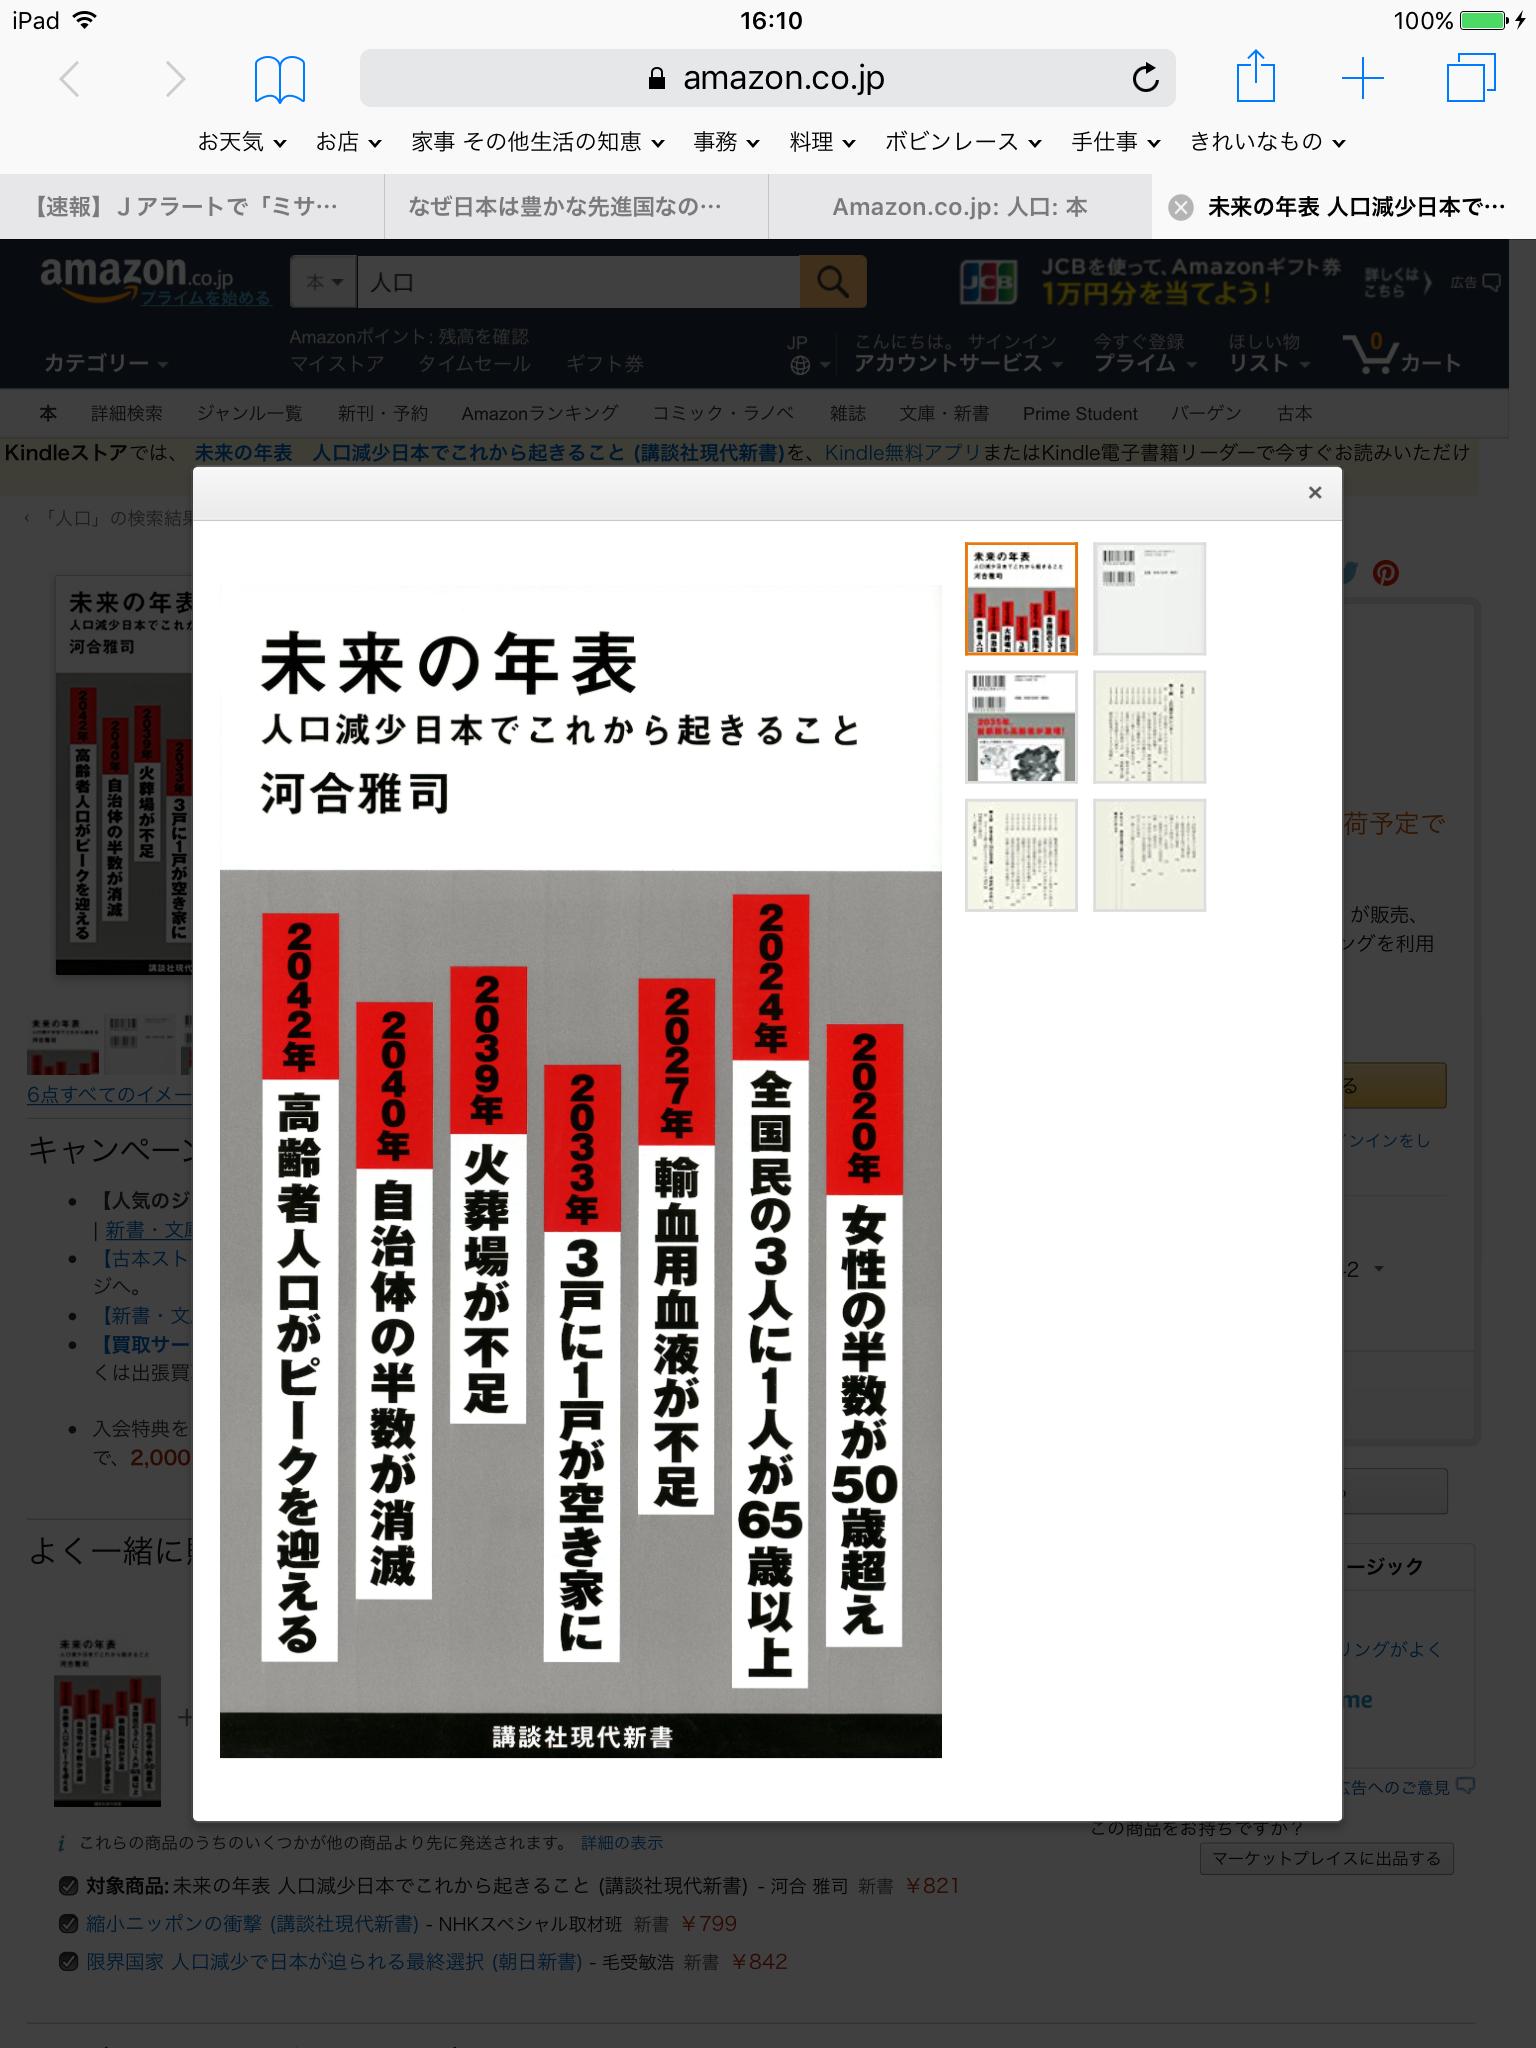 なぜ日本は豊かな先進国なのに少子化なんですか?